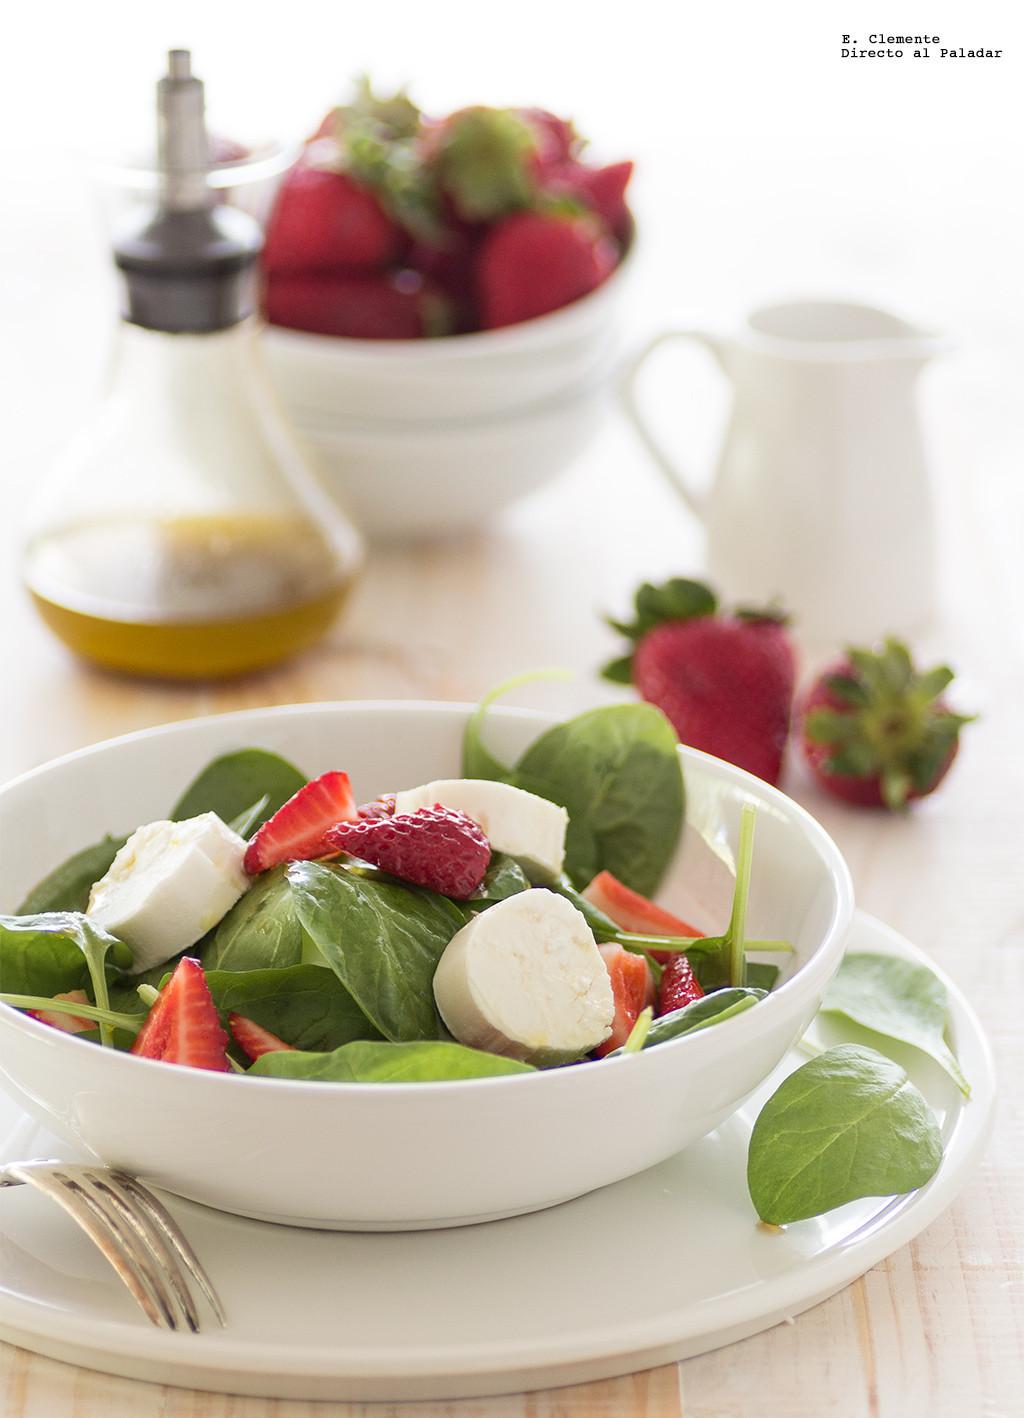 Un Menú Saludable Para Hacer Dieta Una Semana Y Todas Sus Recetas Bajas En Calorías